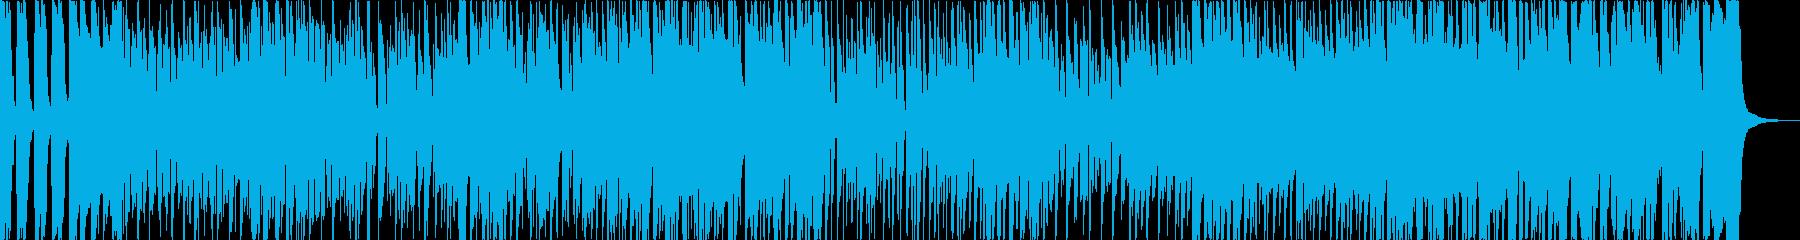 エネルギッシュなファンキーブルースの再生済みの波形